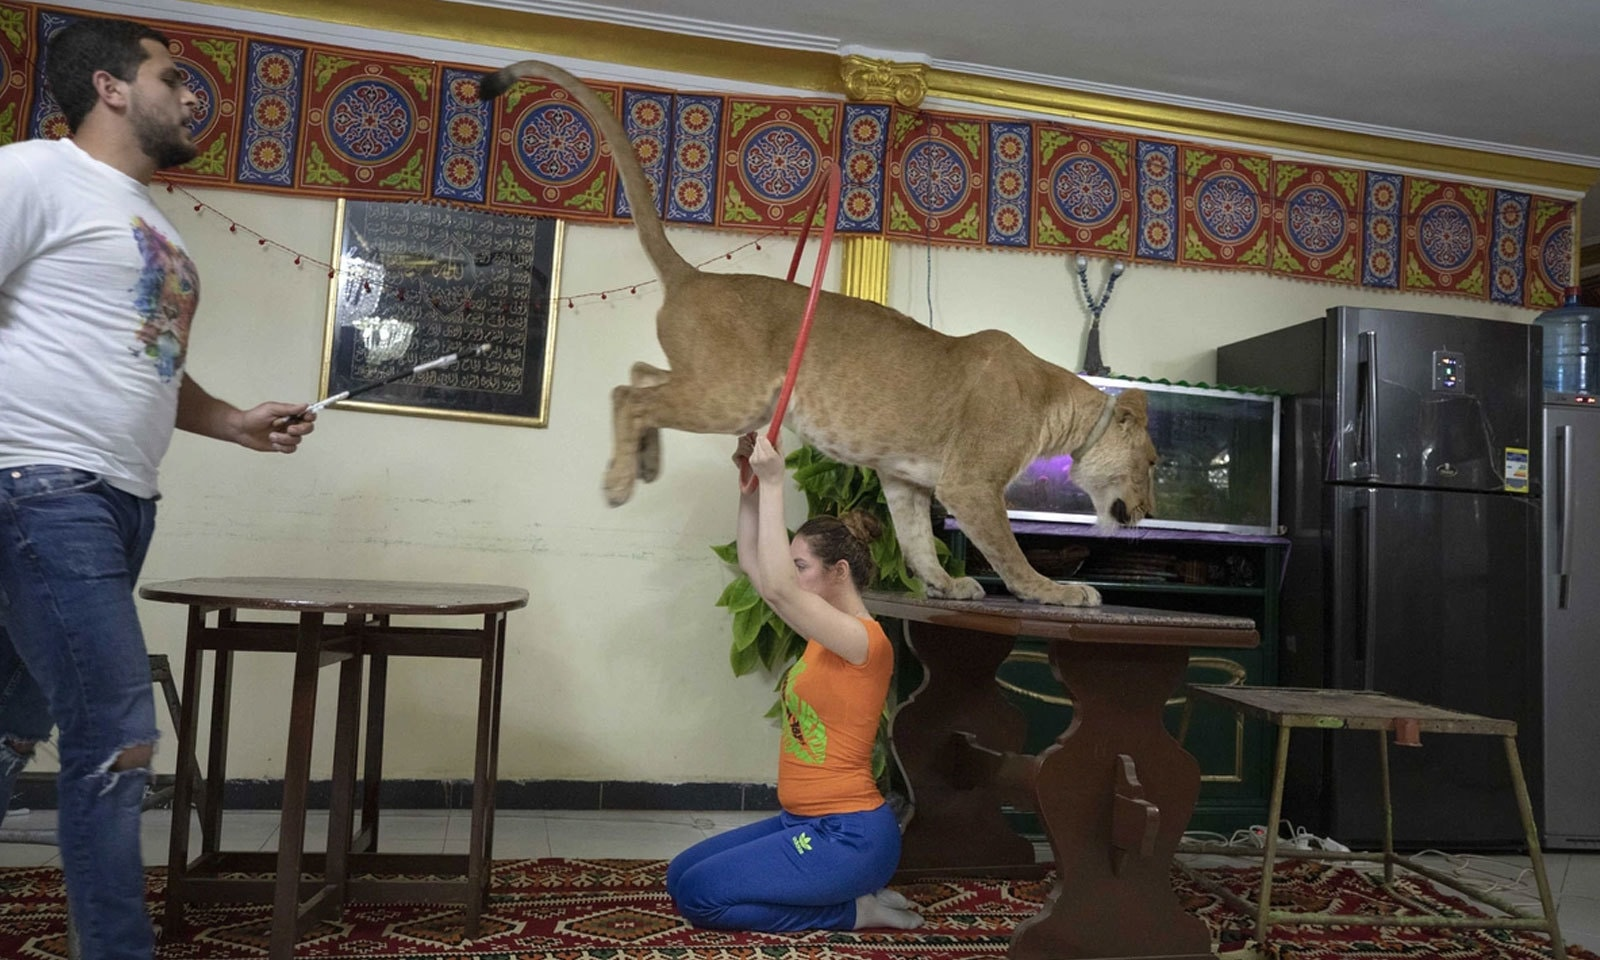 مصر میں 5 سالہ افریقی شیرنی گھر میں کرتب دکھارہی ہے —فوٹو: اے پی